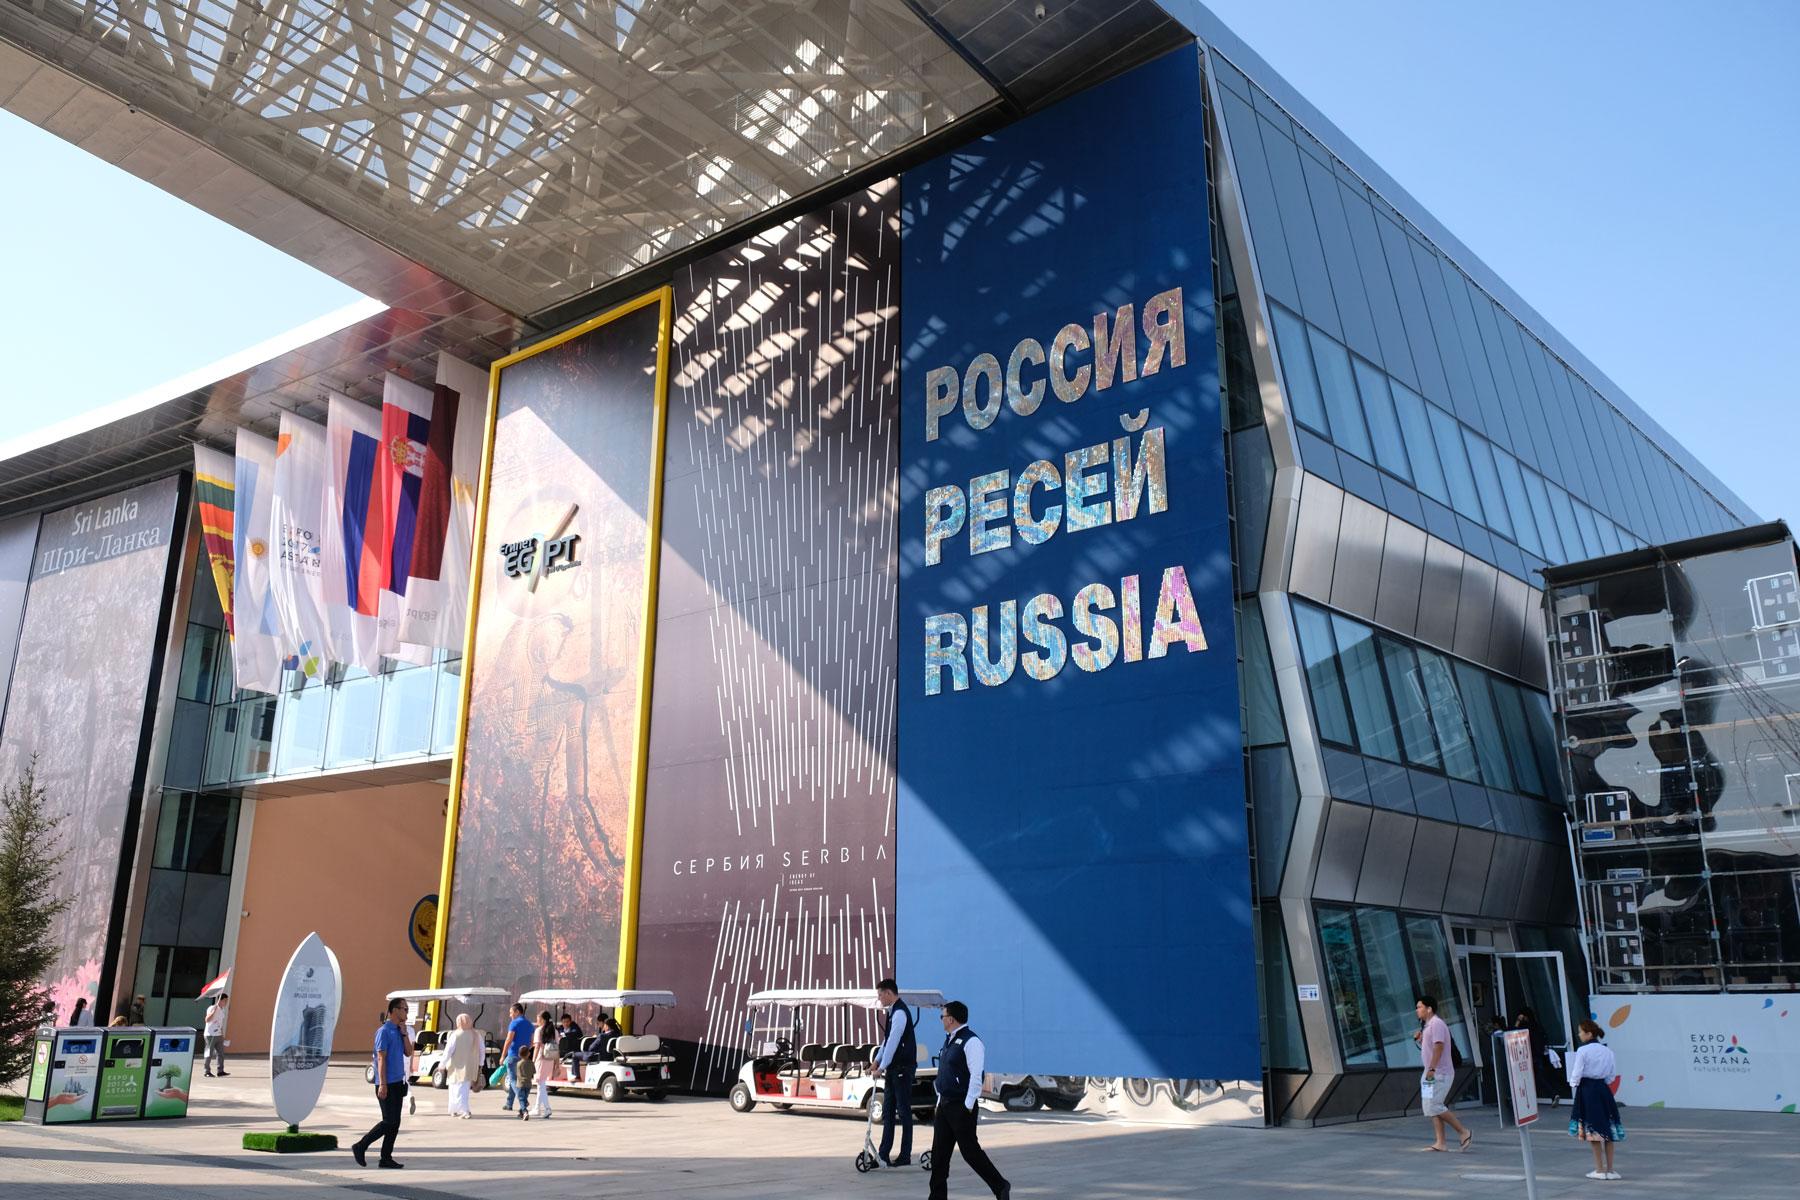 Russischer Pavillon auf der Expo 2017 in Astana.